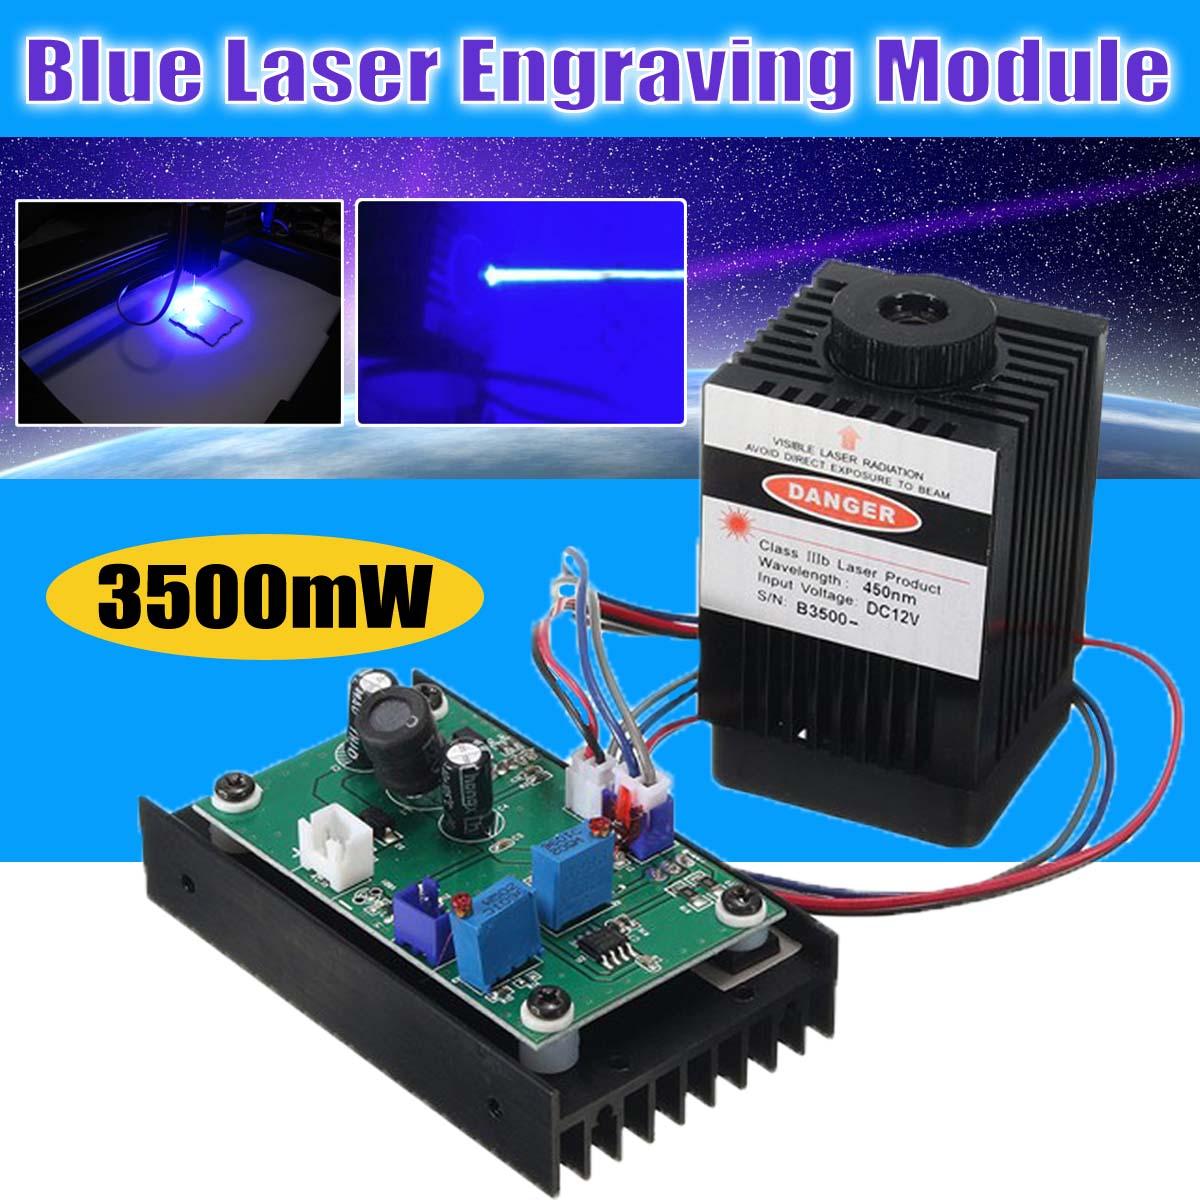 3500mw Blue Laser Module High Power 3.5W Laser Head DIY Metal Engraving 450nm for DIY Laser Engraving Cutting Machine